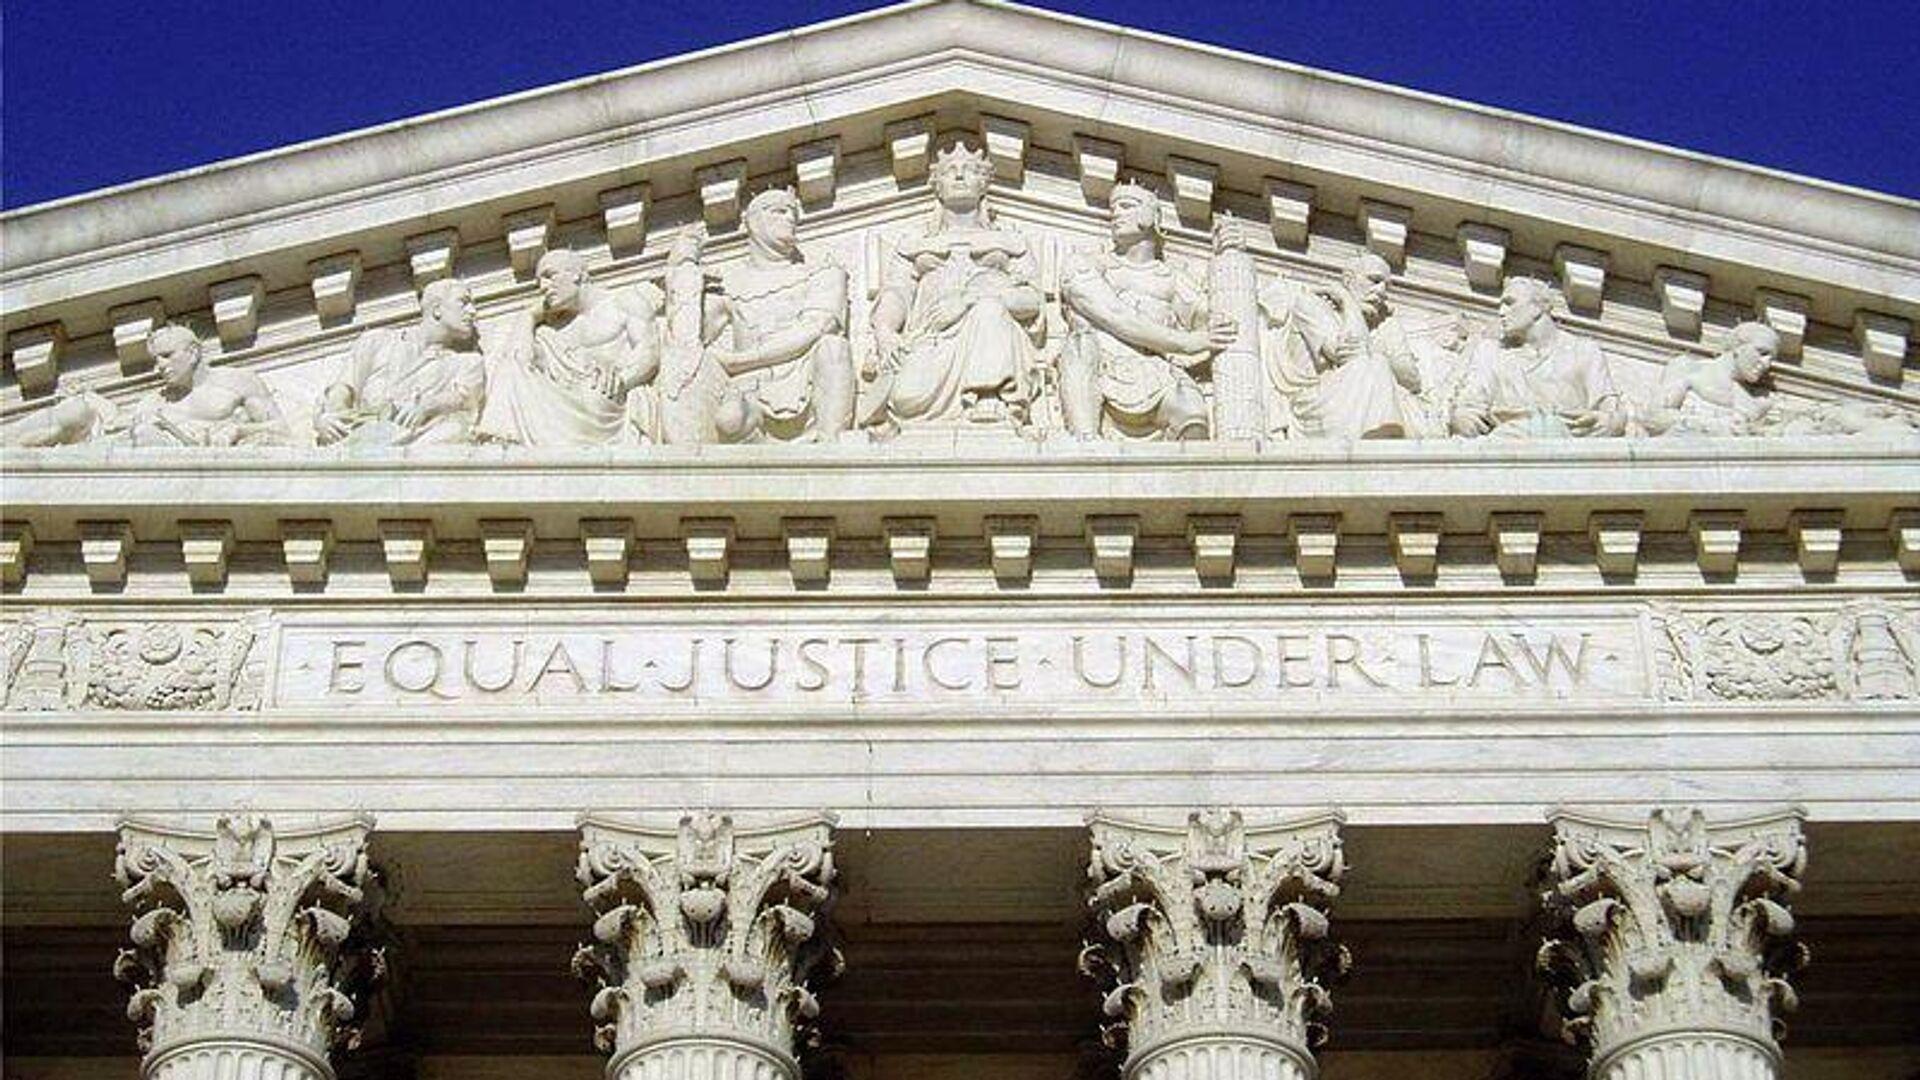 Equal Justice Under Law (Gleiche Rechte vor dem Gesetz) - SNA, 1920, 03.09.2021